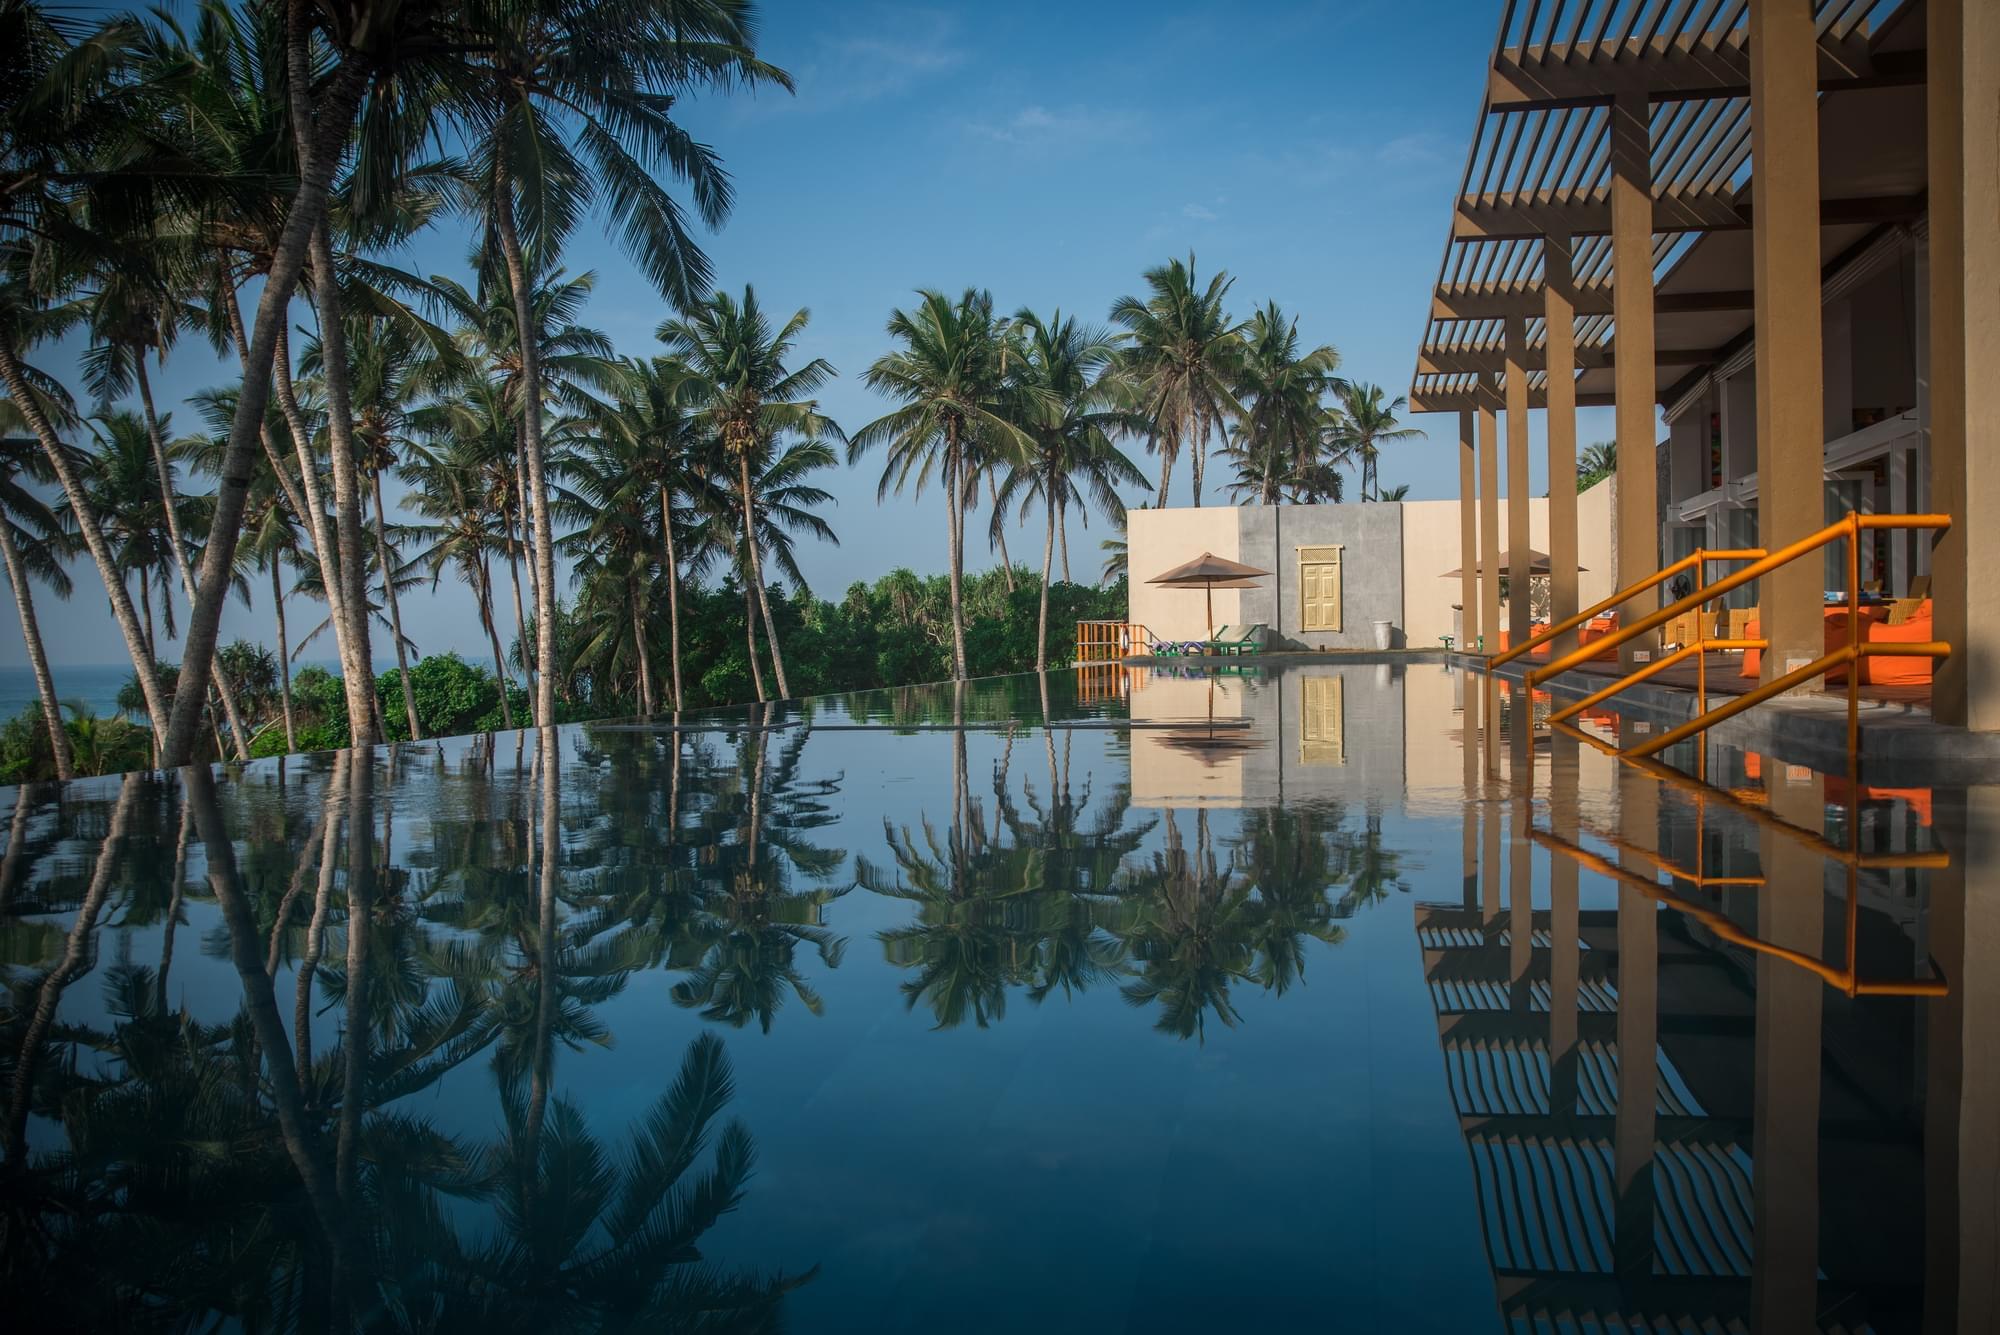 スリランカで泊まりたいおすすめ高級ホテル15選